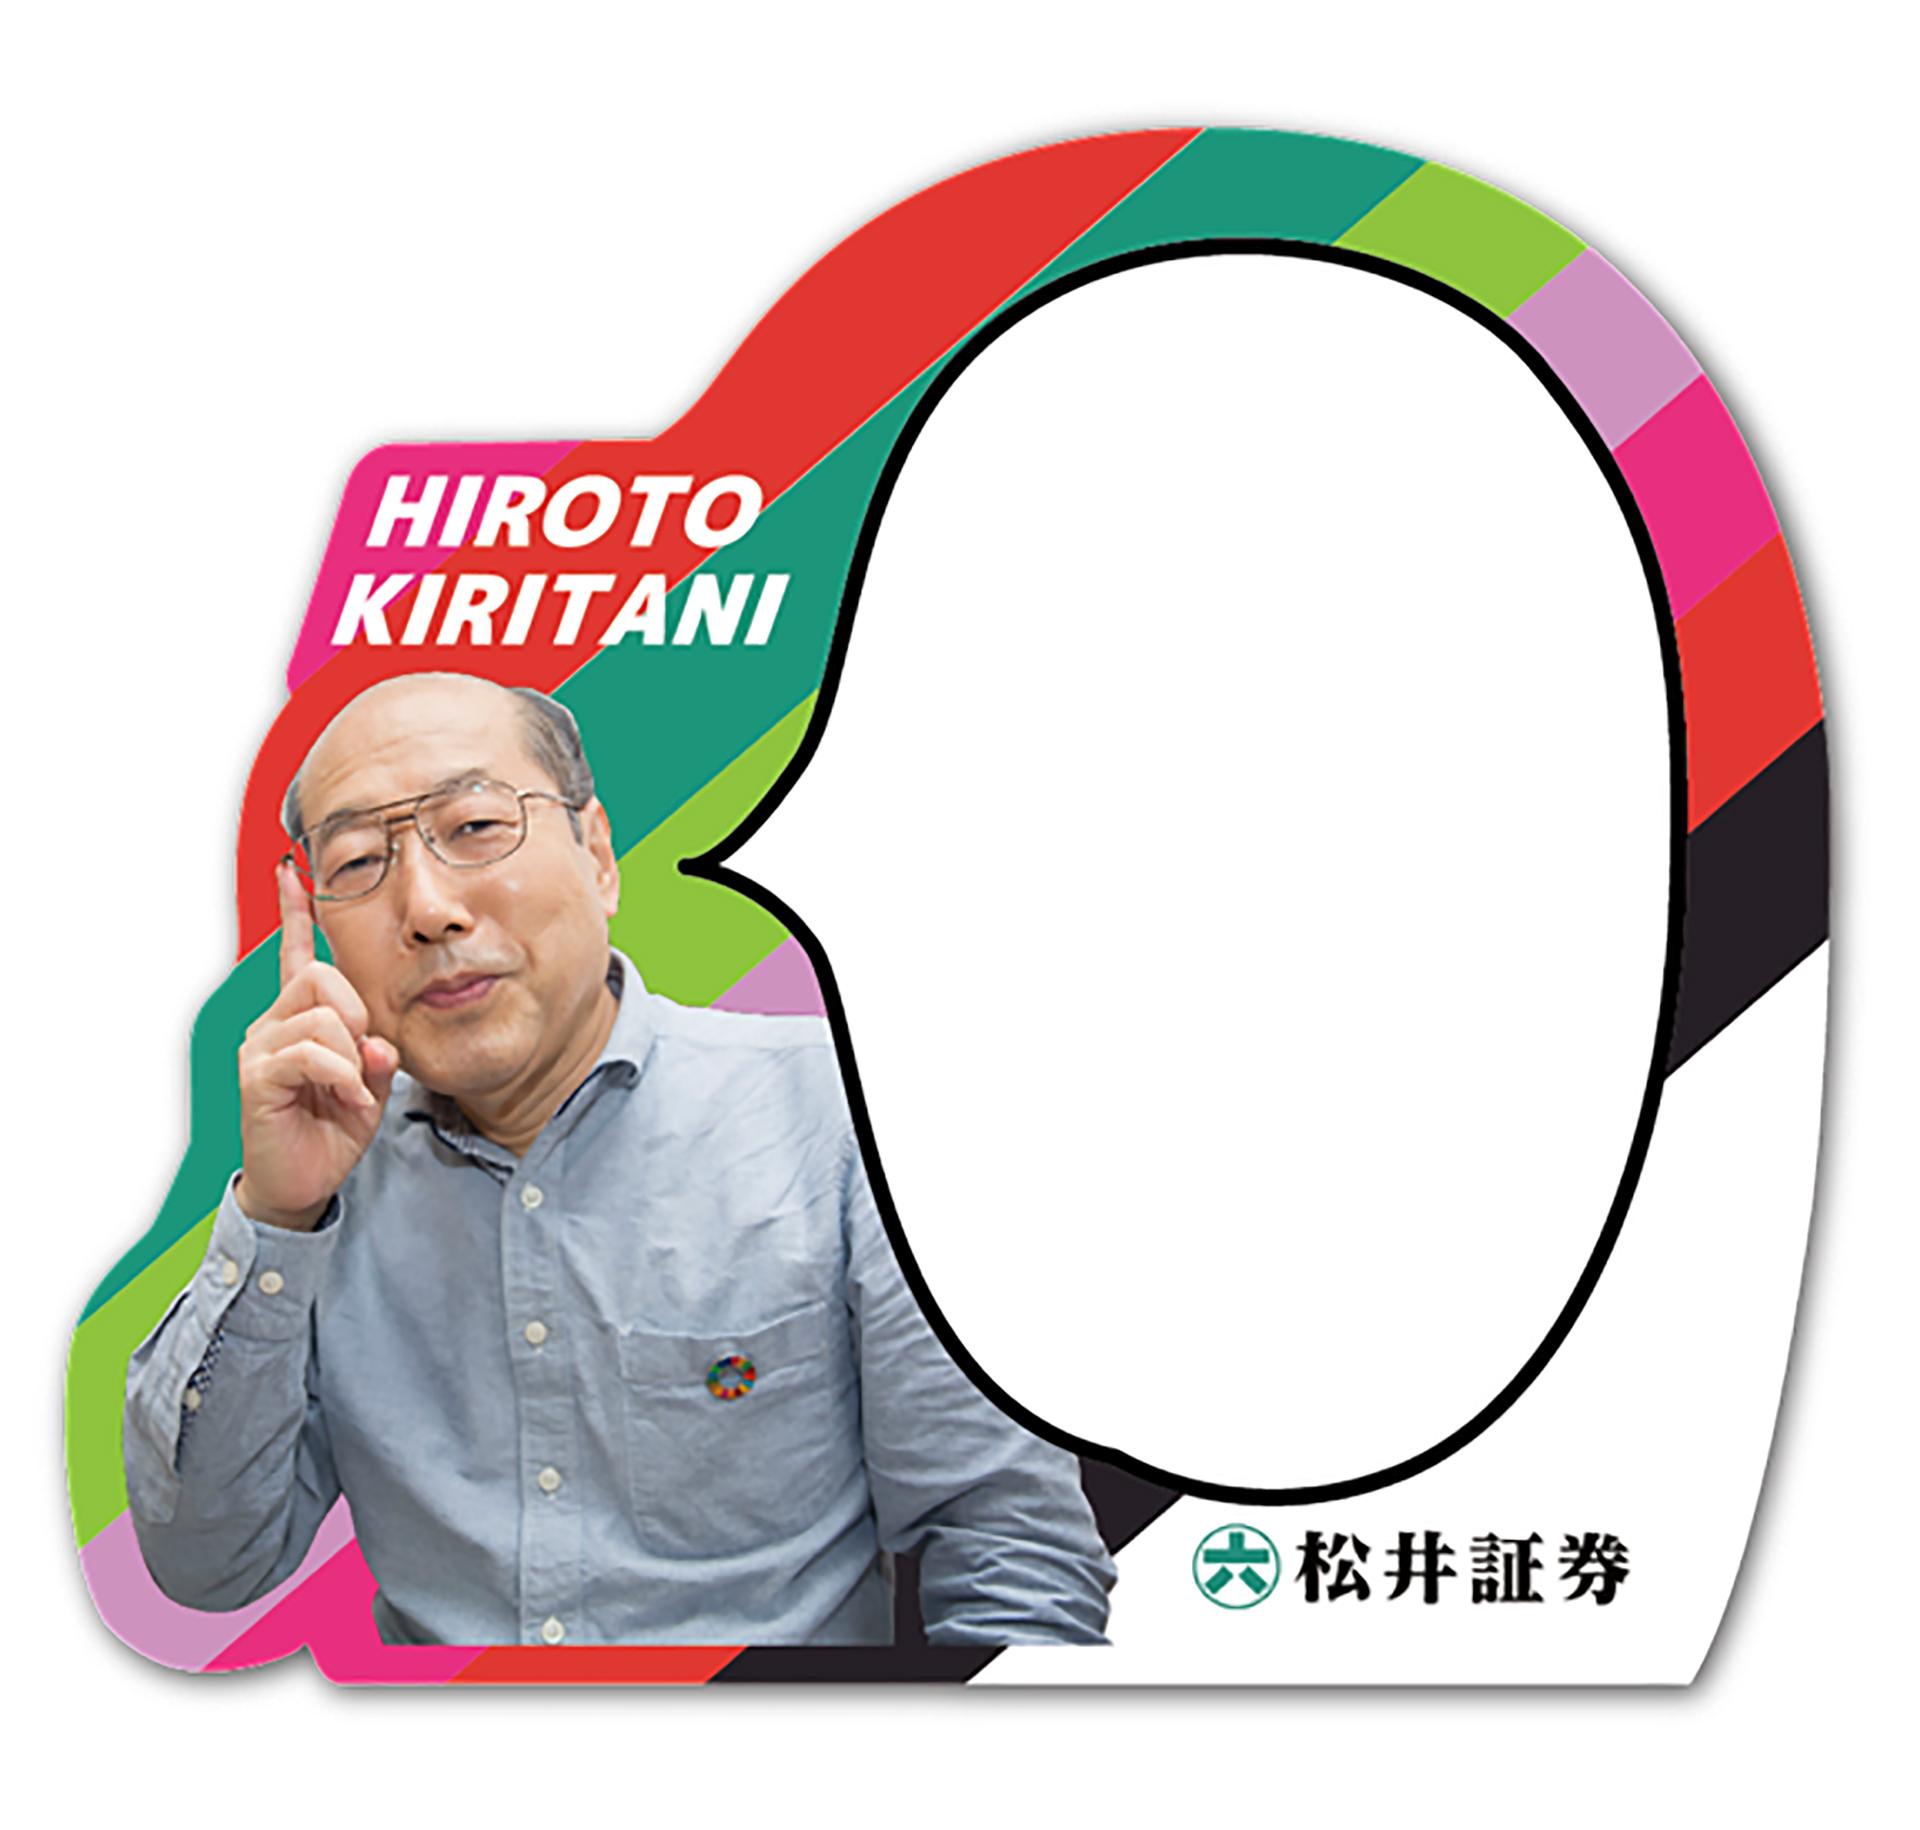 優待の桐谷さん展